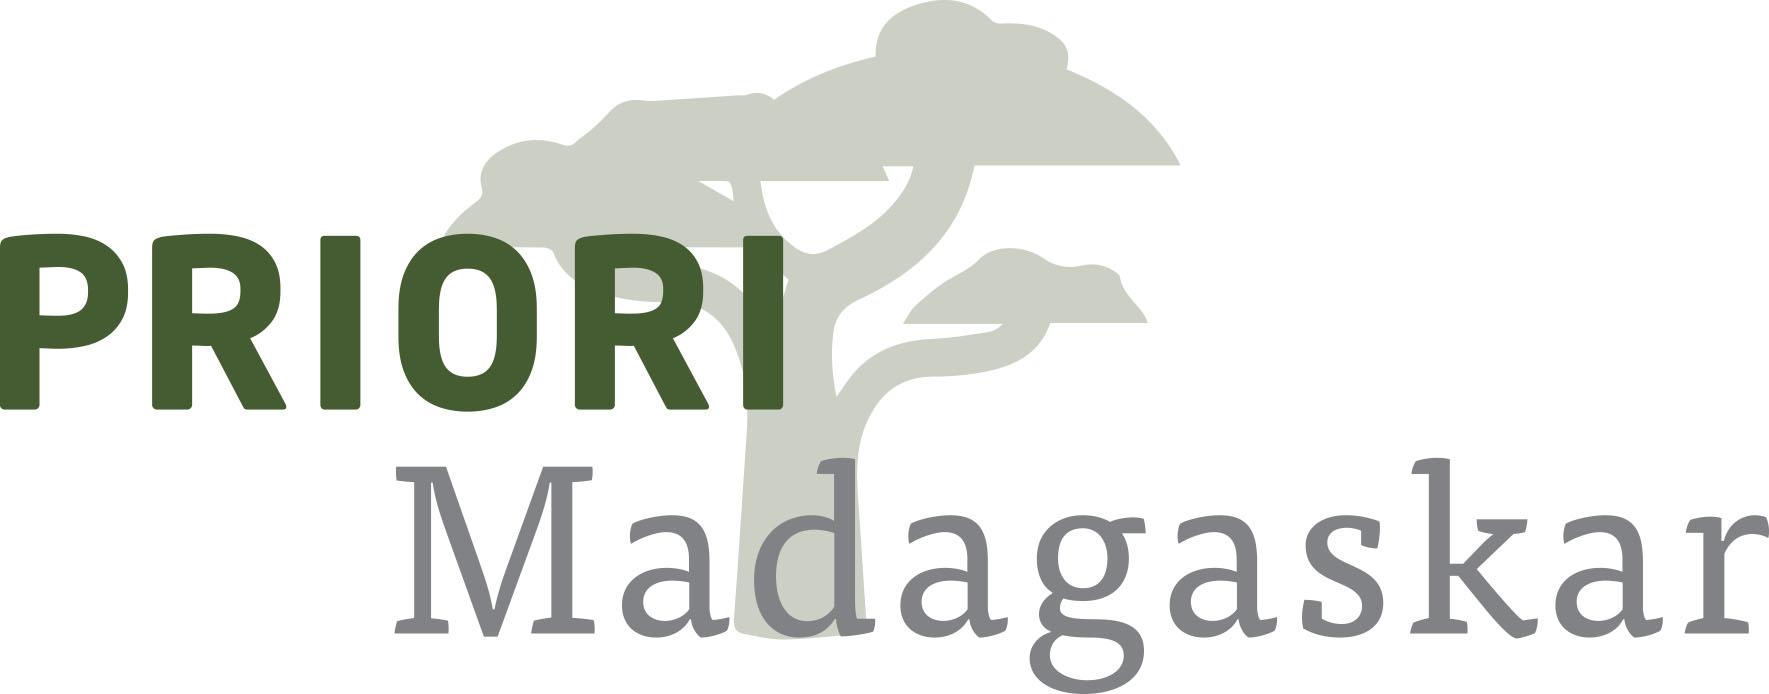 Reiseveranstalter Madagaskar